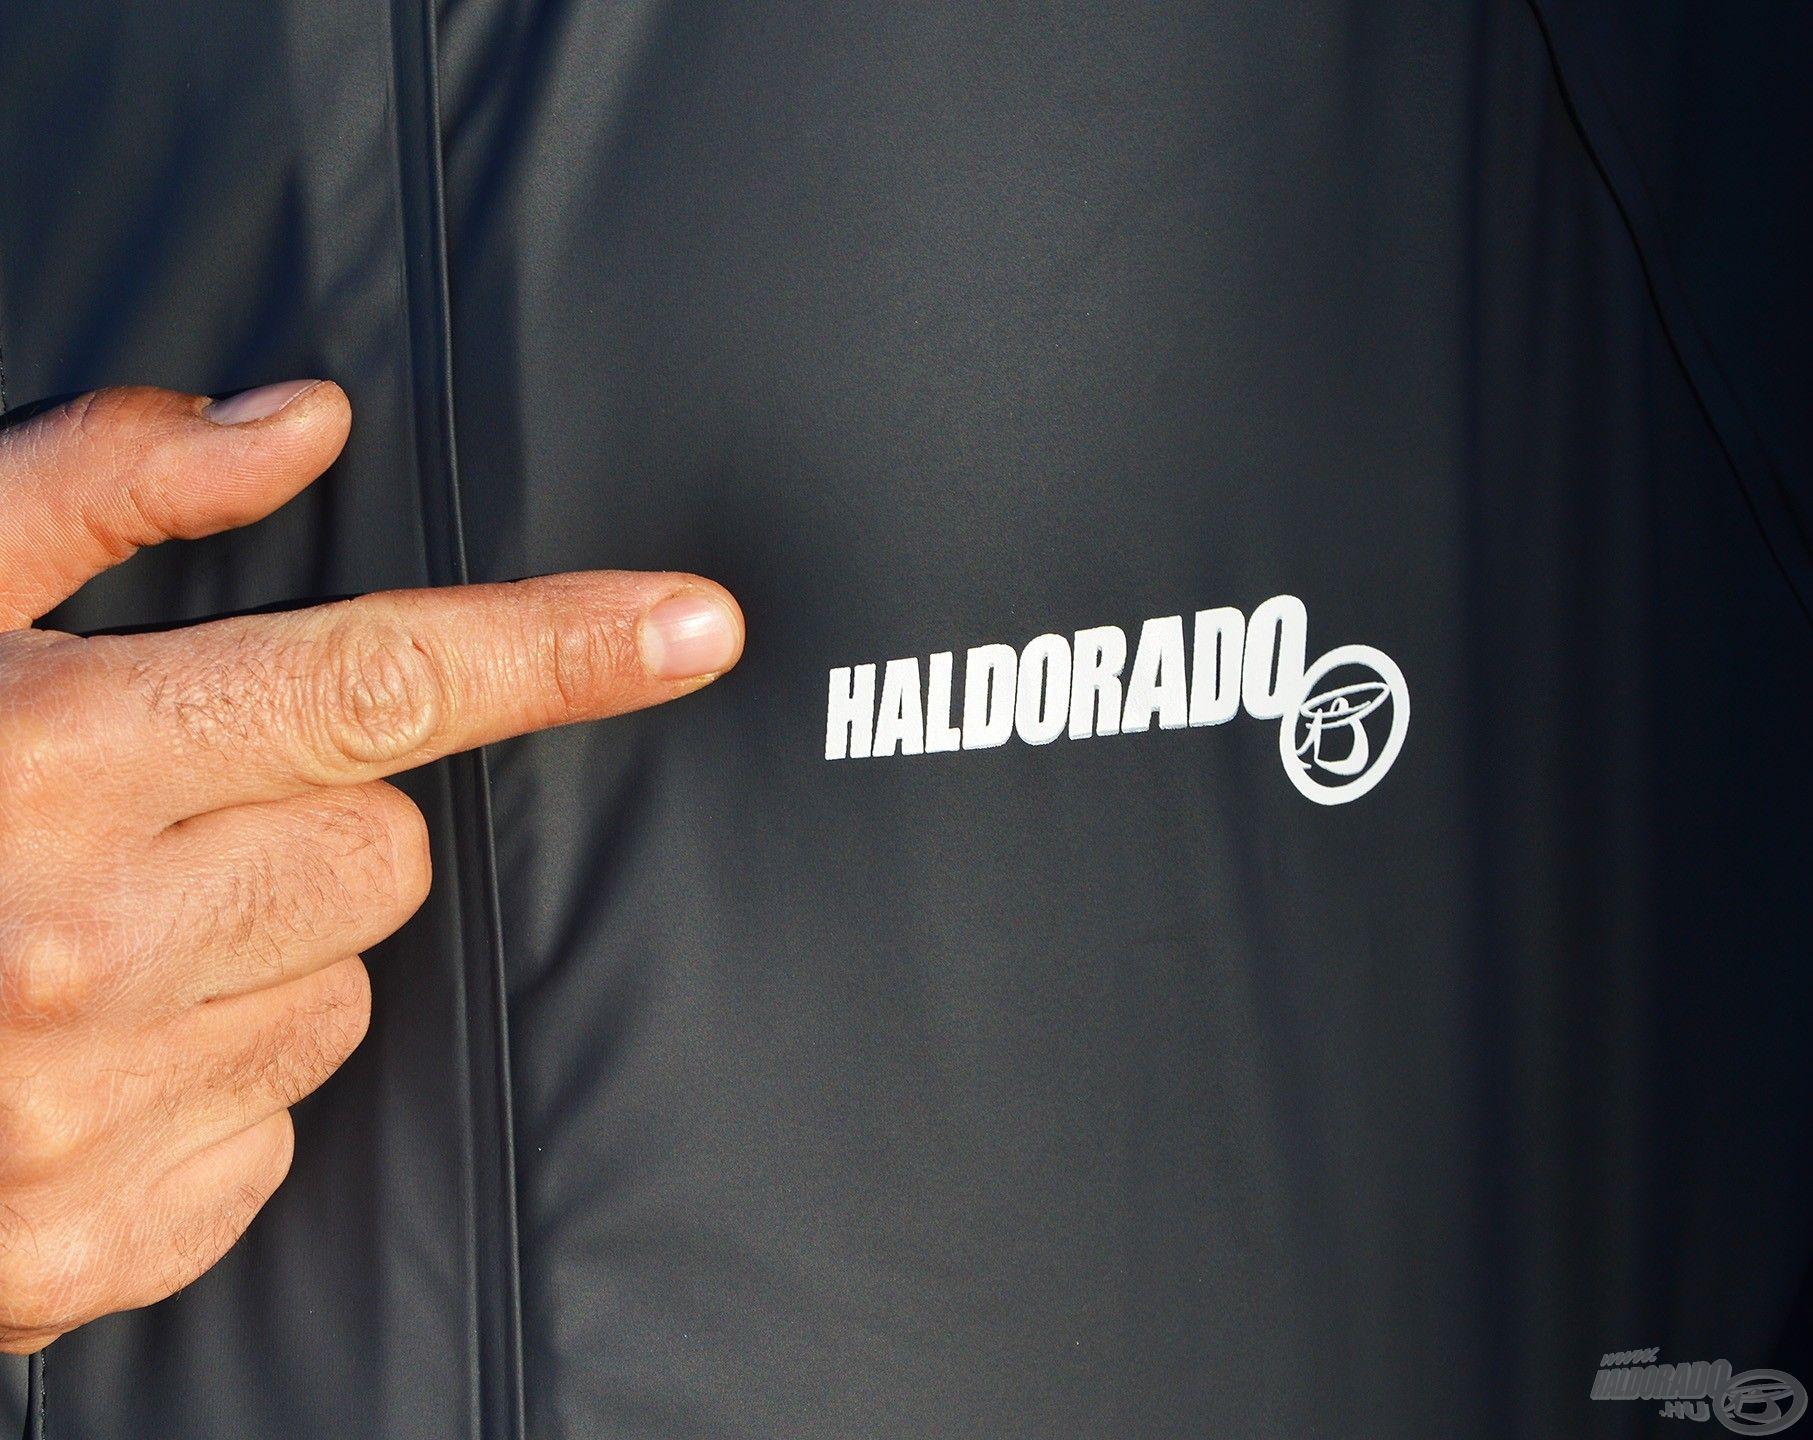 A mellkason visszafogott Haldorádó logó található